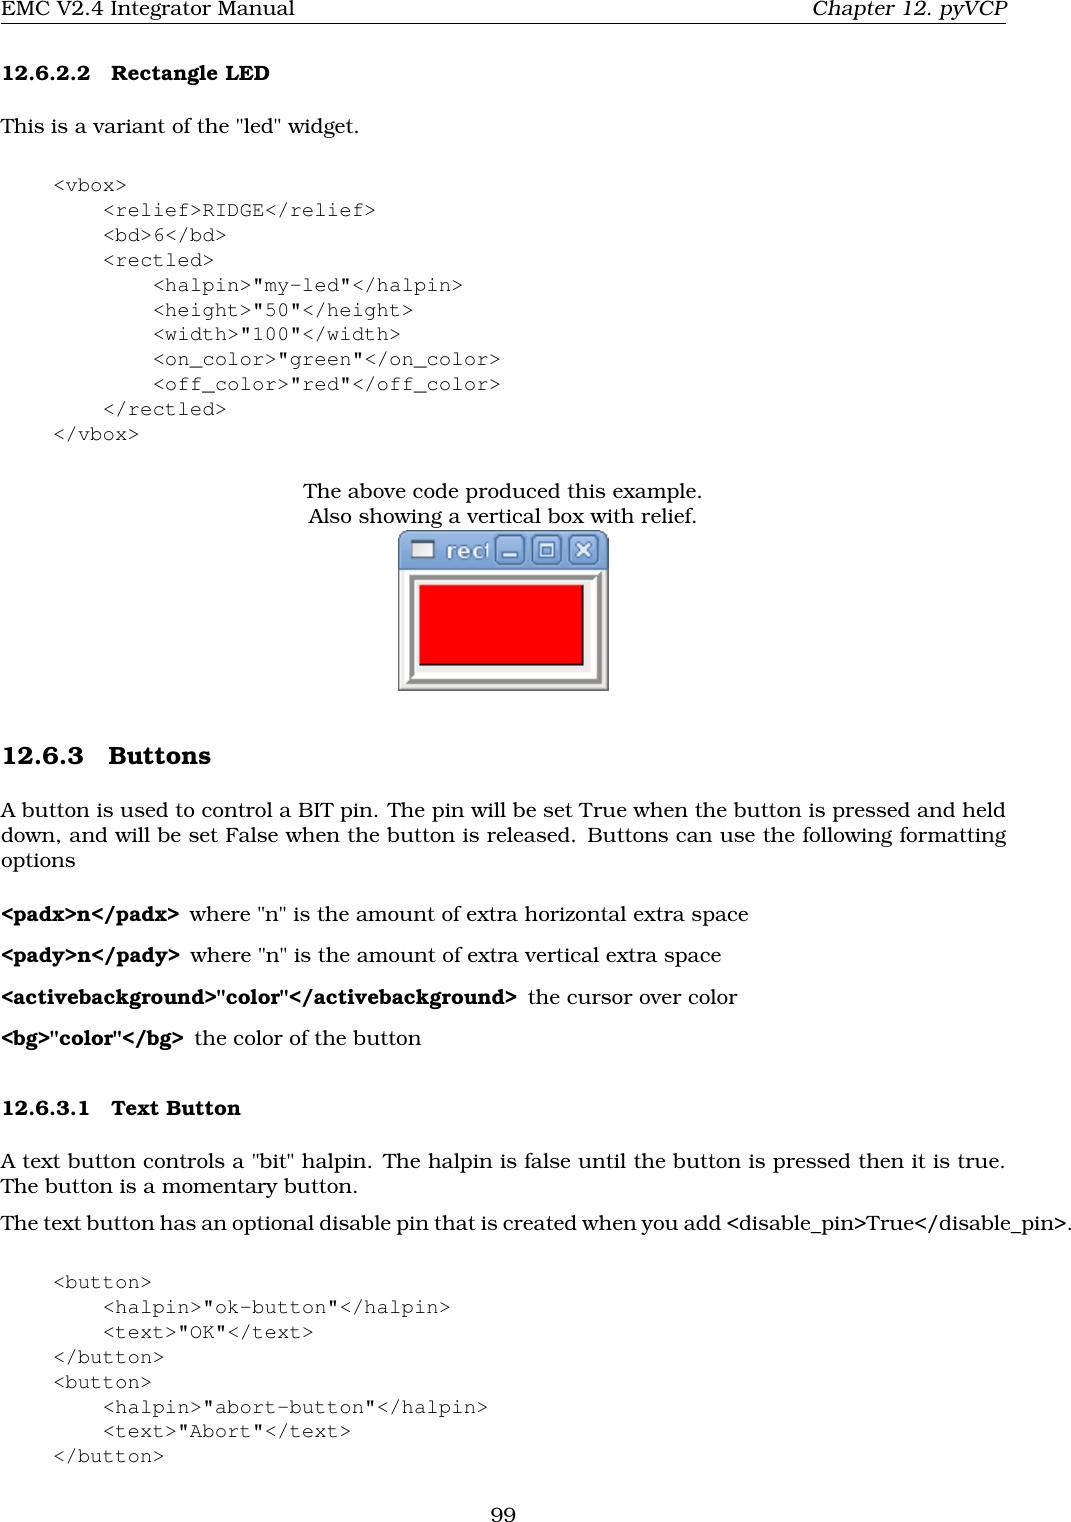 EMC2 Integrator Manual